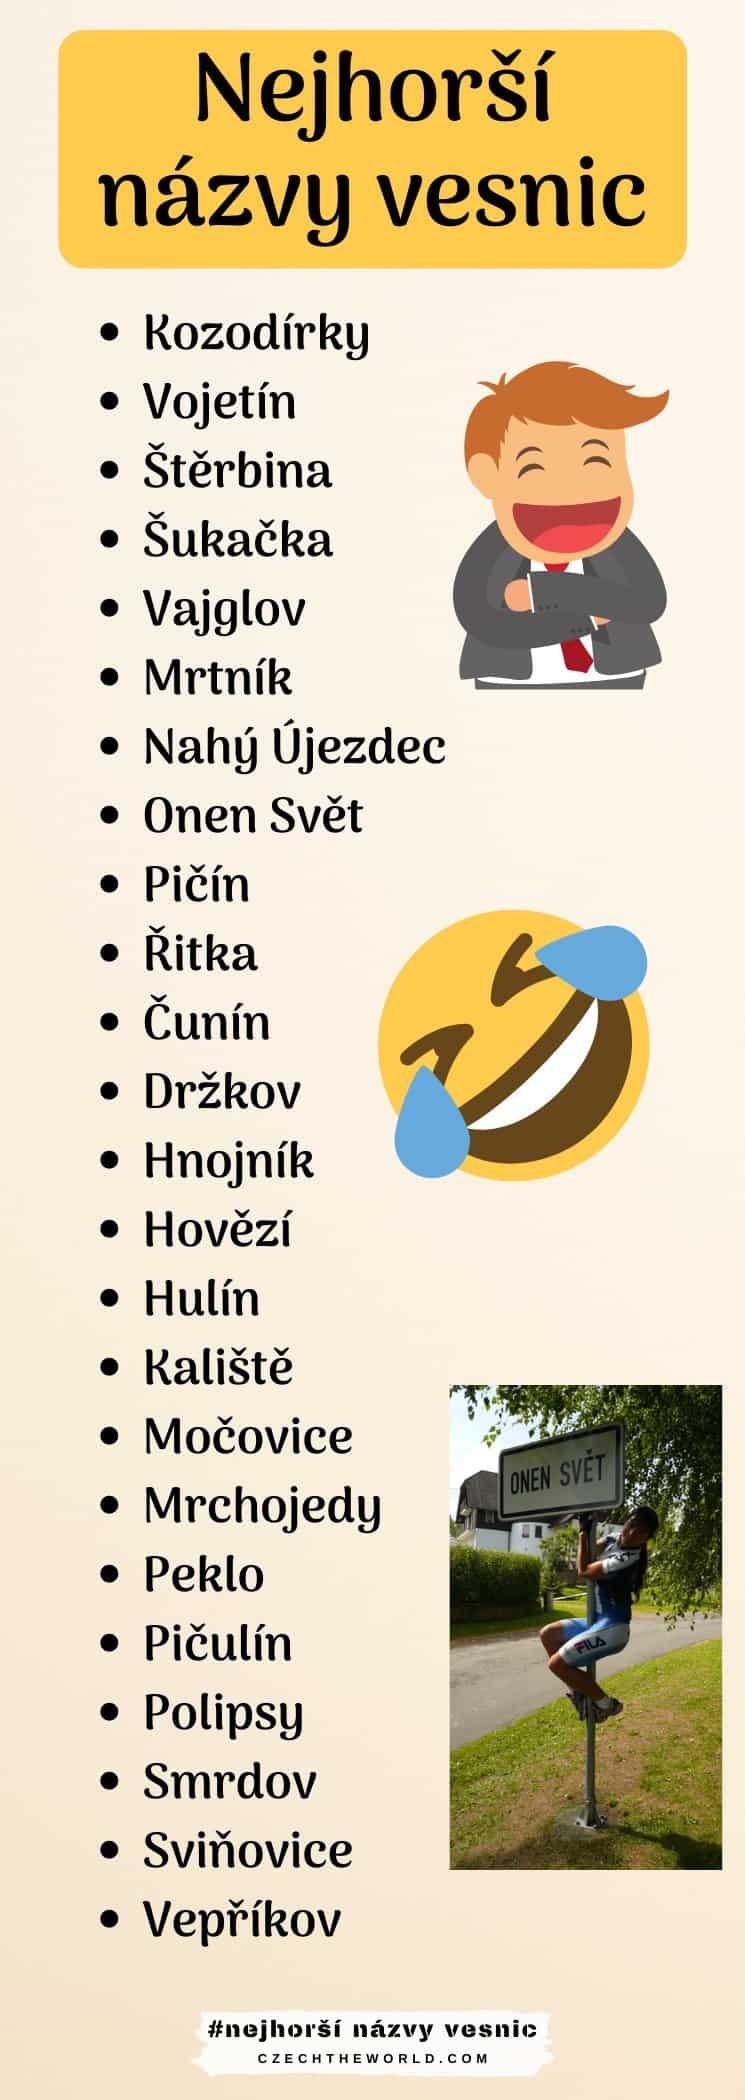 Nejhorší názvy vesnic